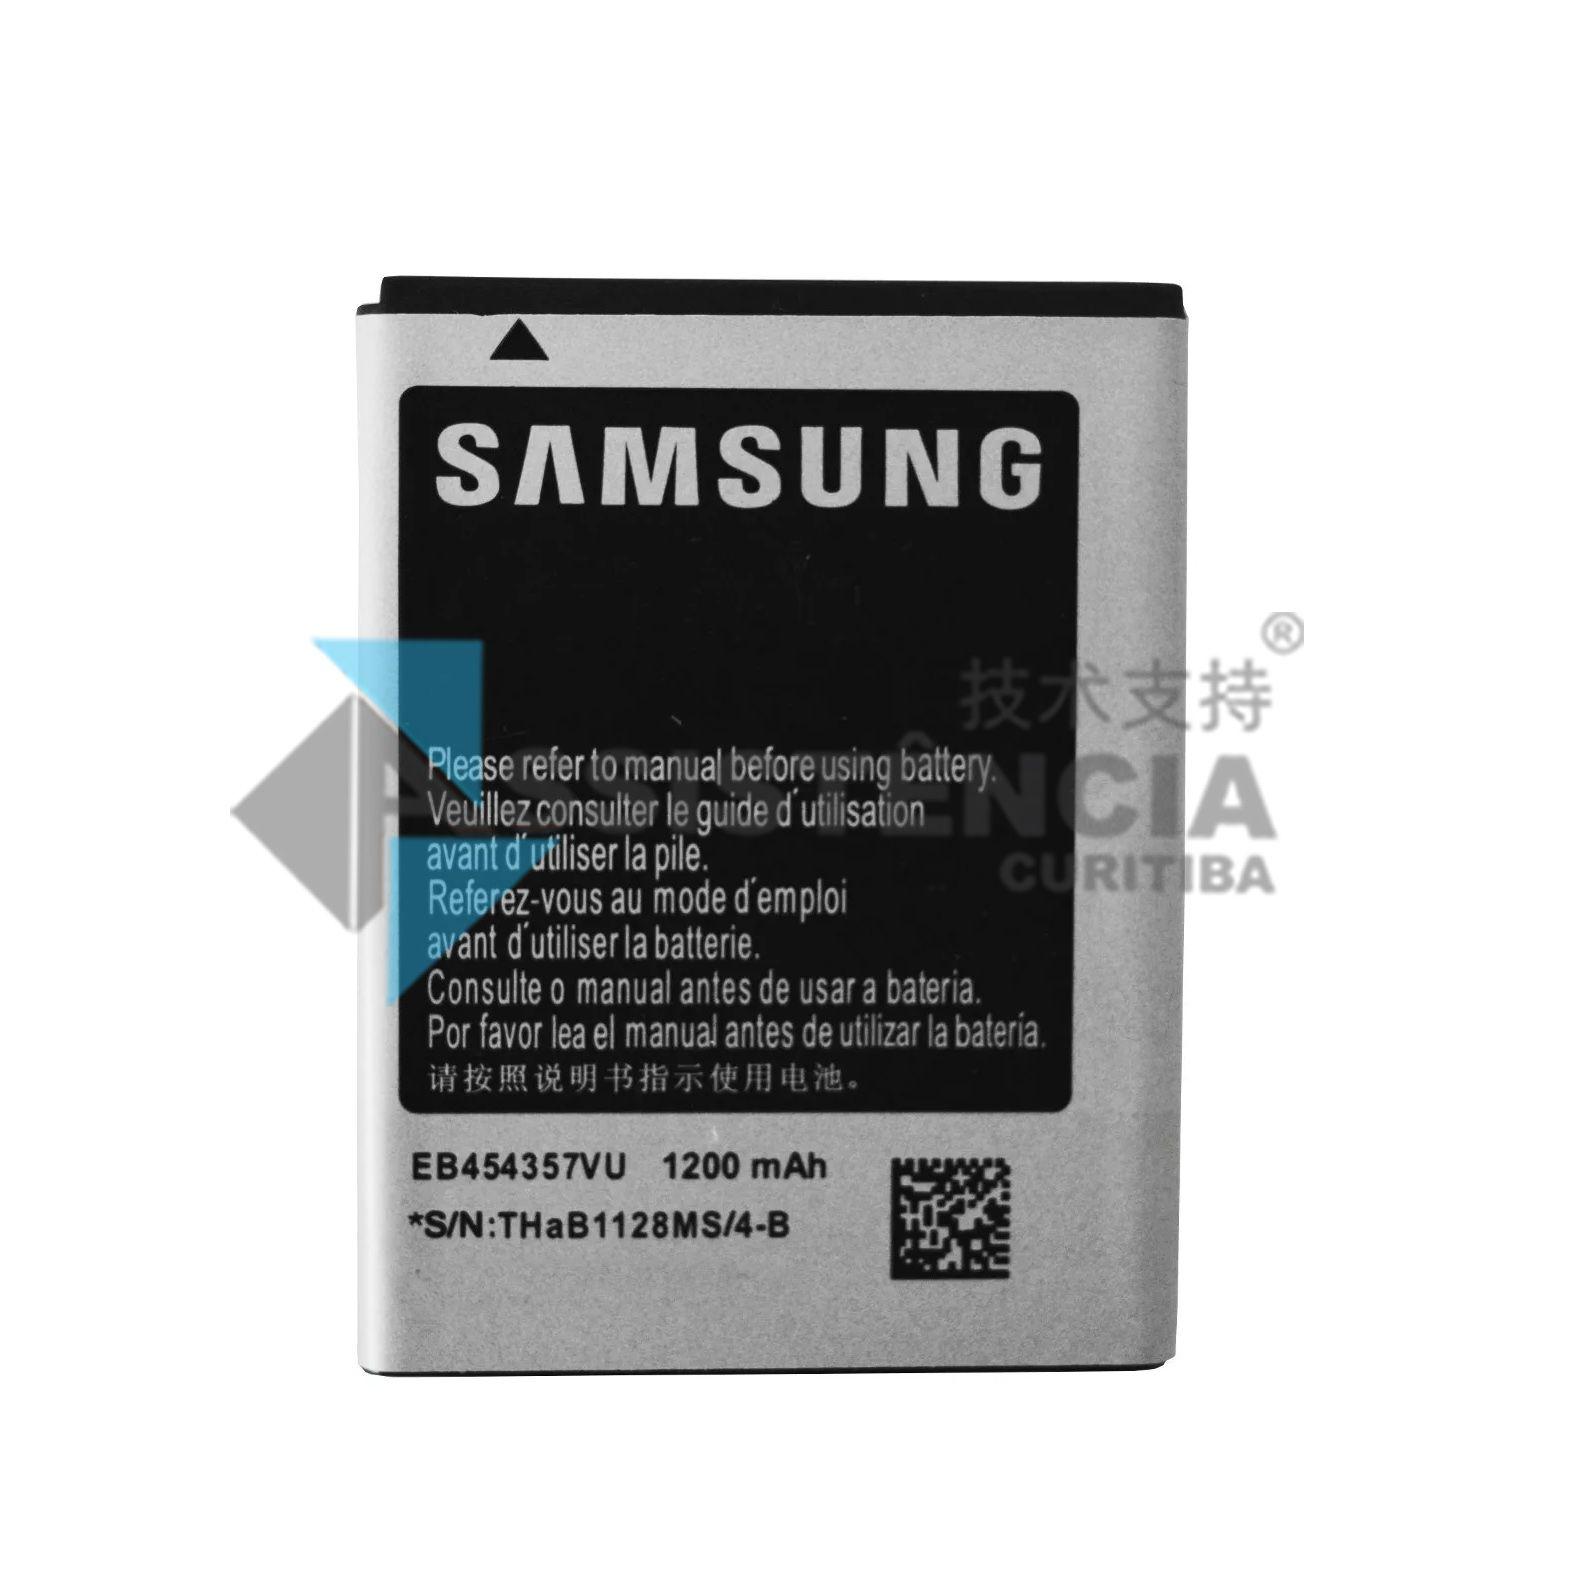 Bateria Samsung Galaxy Y S5360 GT-S5360 GT-S5360B